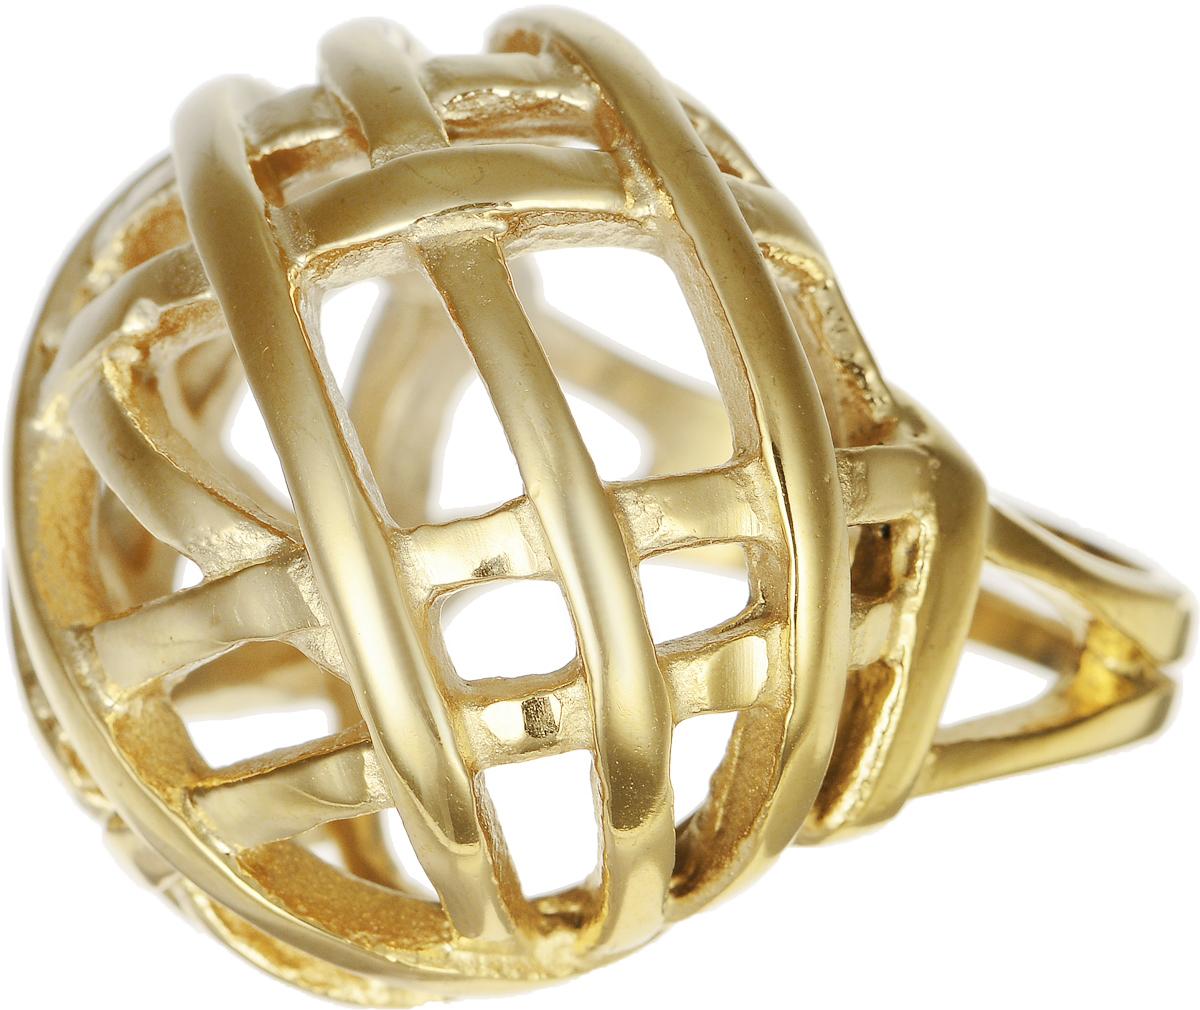 Кольцо Polina Selezneva, цвет: золотистый. DG-0014. Размер 20Коктейльное кольцоСтильное кольцо Polina Selezneva изготовлено из качественного металлического сплава и выполнено в оригинальном дизайне. Кольцо оформлено резным узором.